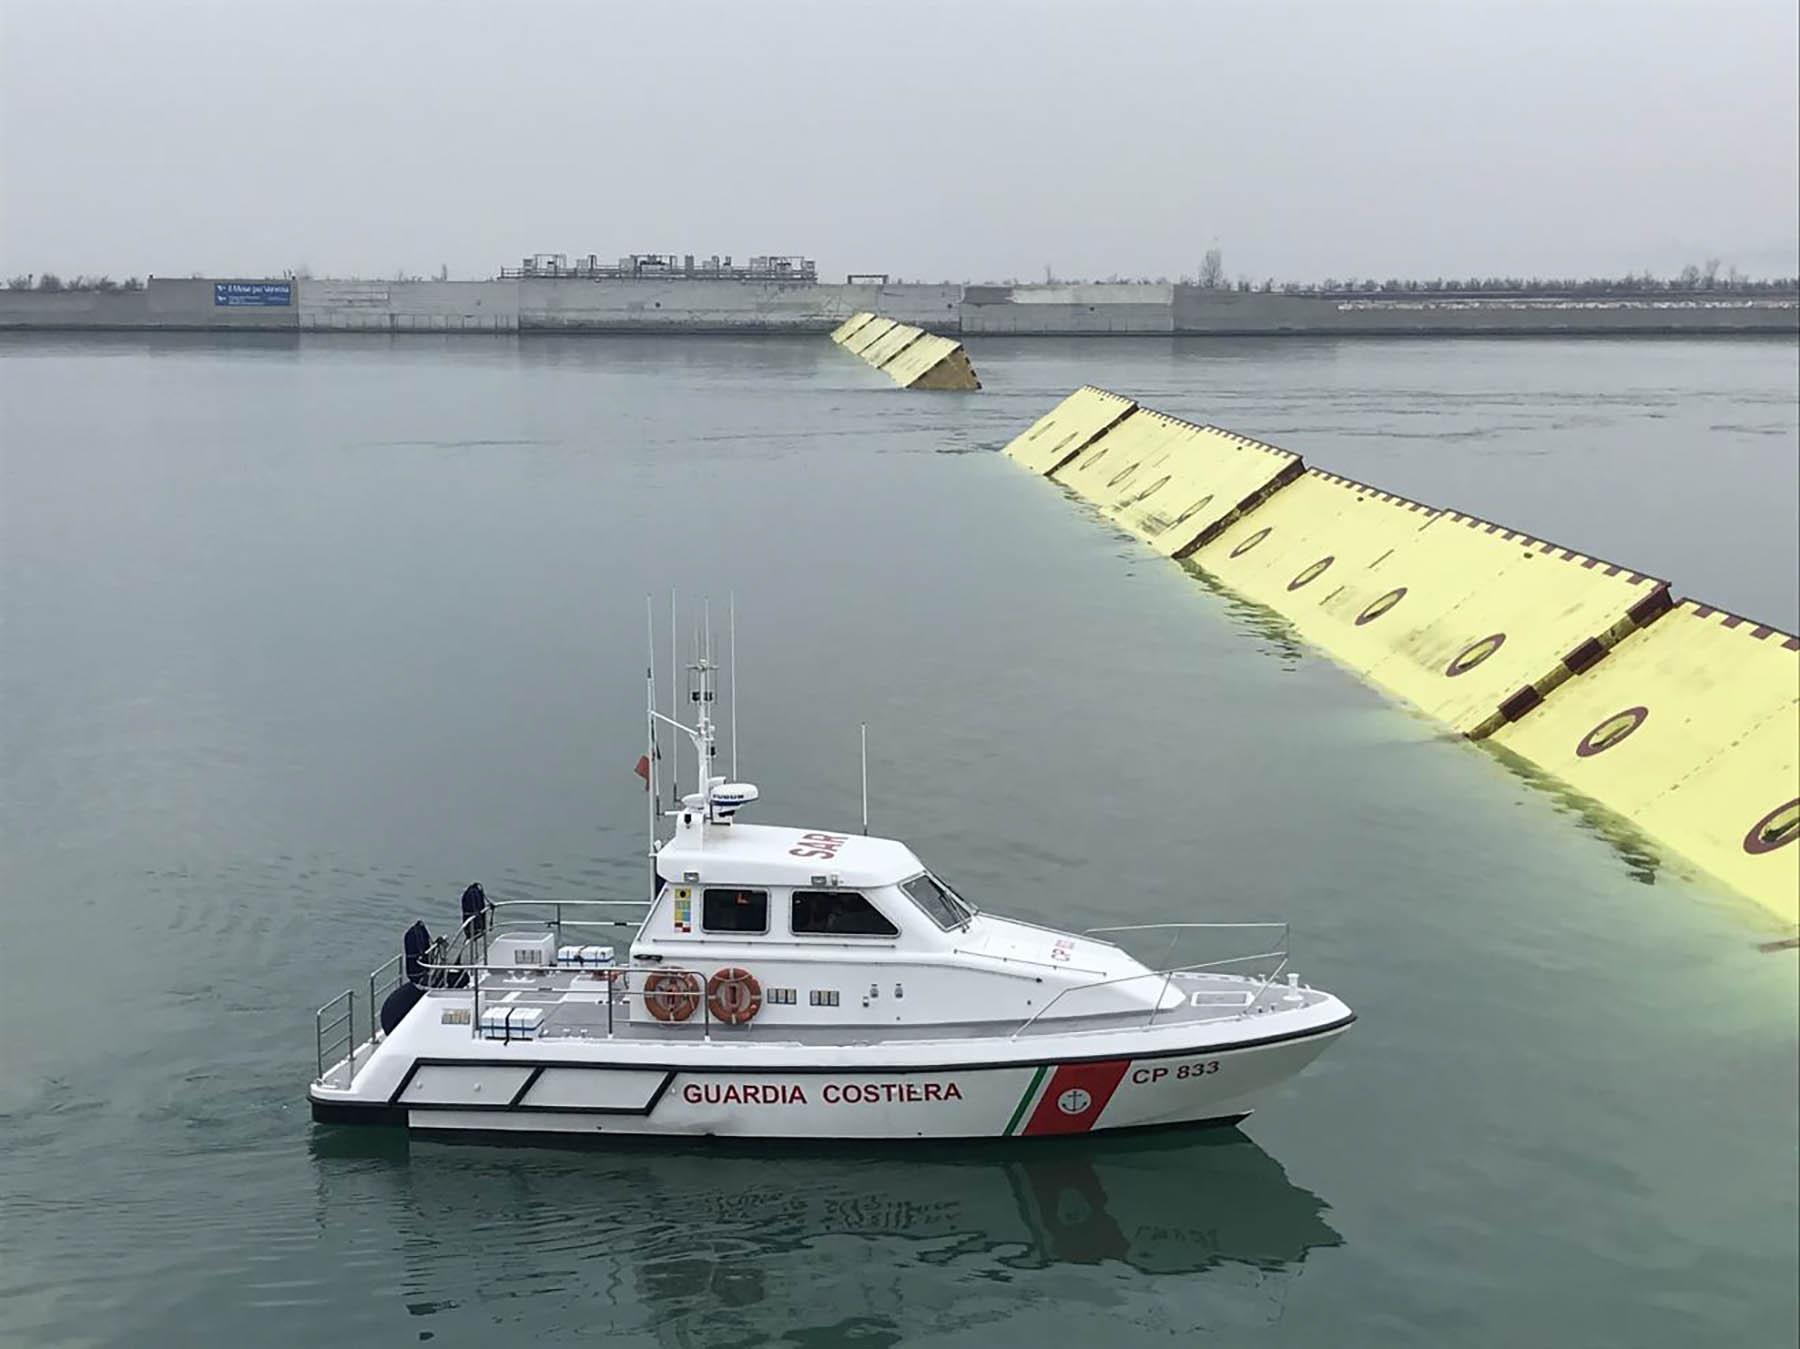 Mo.S.E., il 16 aprile un nuovo test con l'interdizione di tutto il traffico marittimo